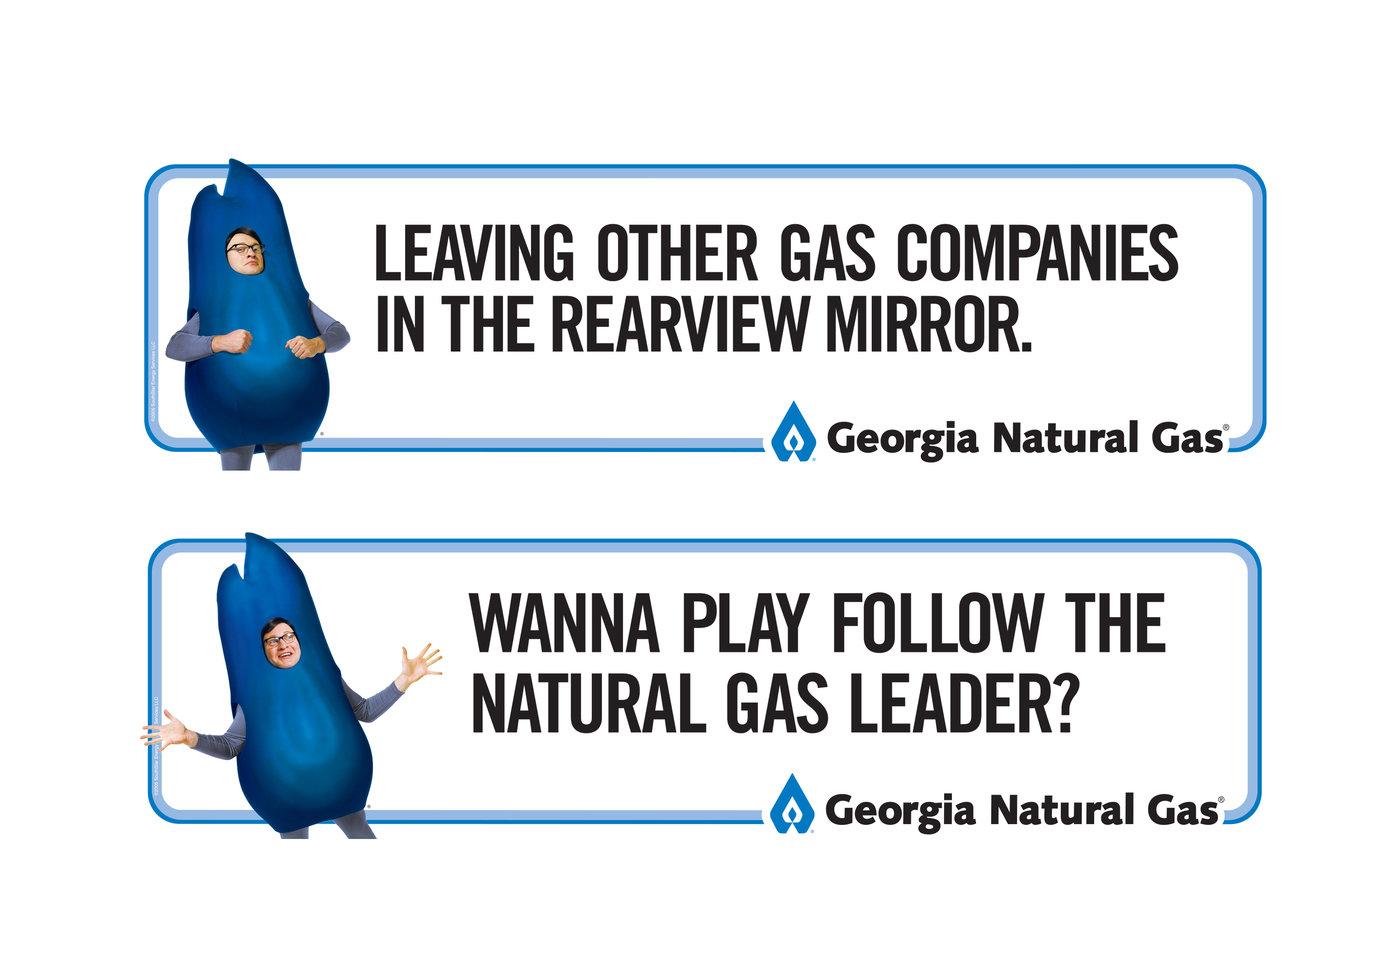 Gas Companies In Ga >> Georgia Natural Gas By Dianne Wisham At Coroflot Com